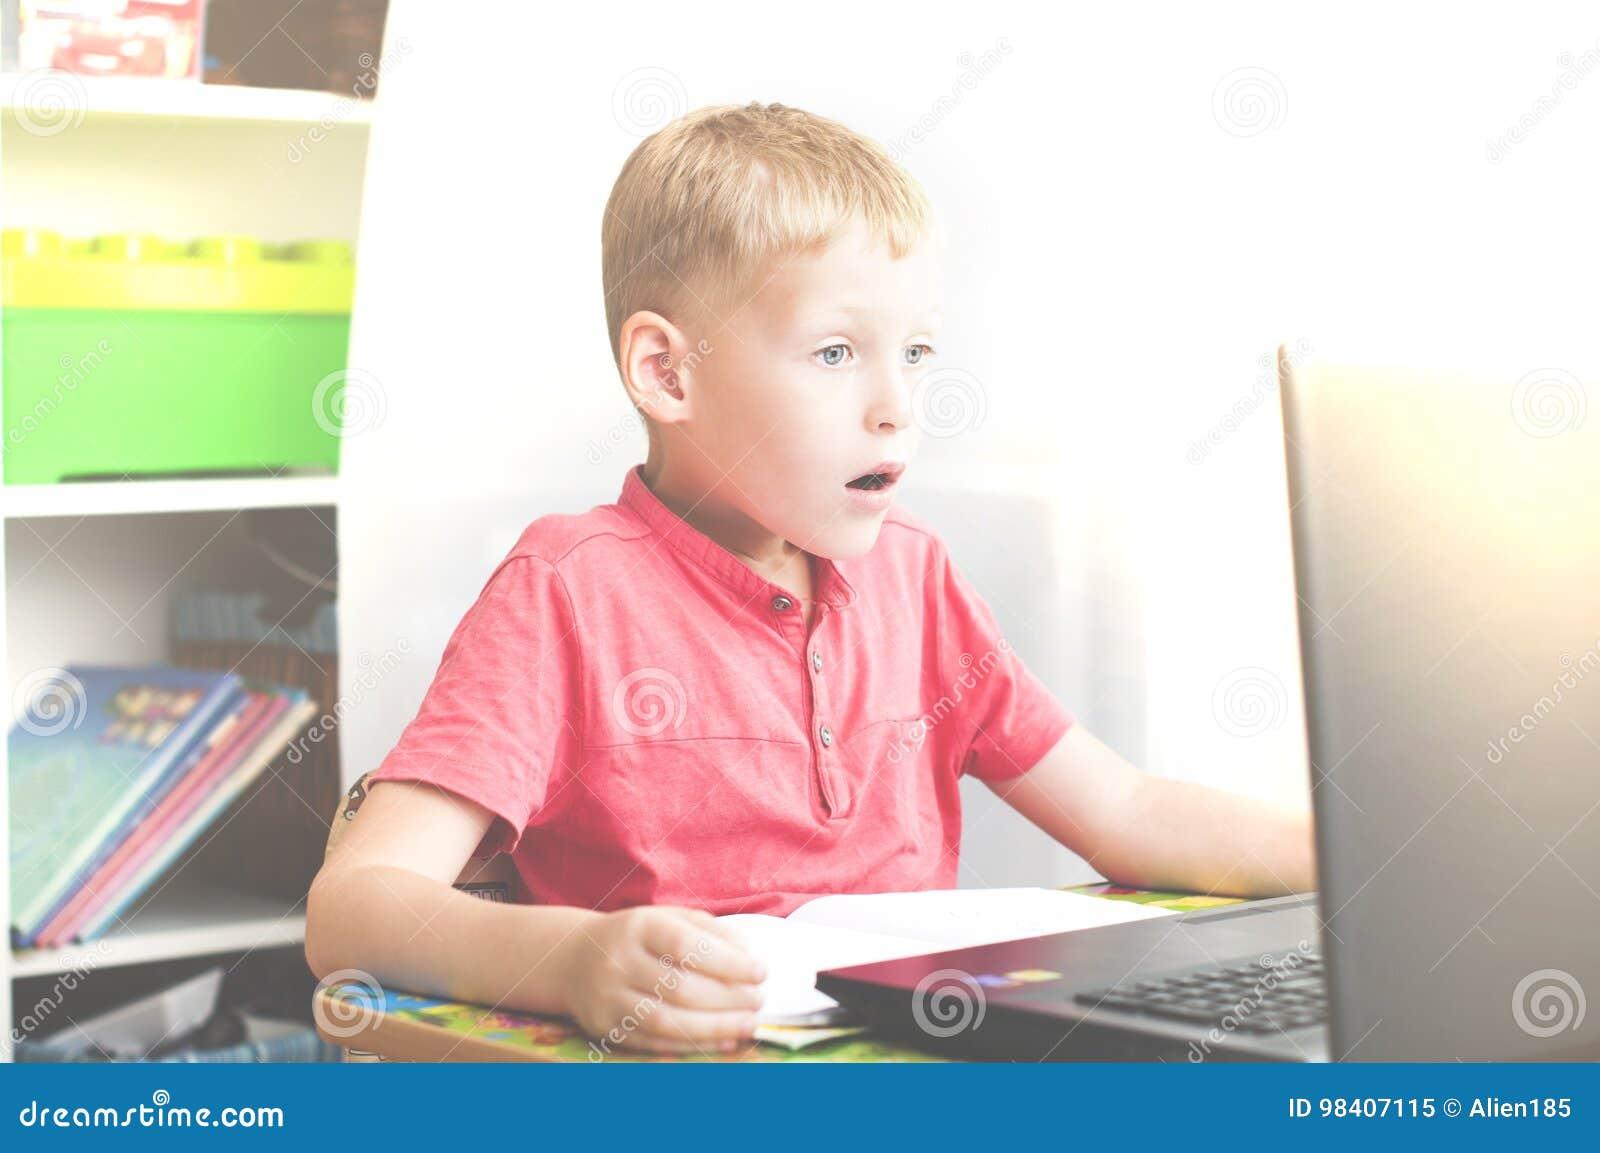 男孩起反应,当使用膝上型计算机时